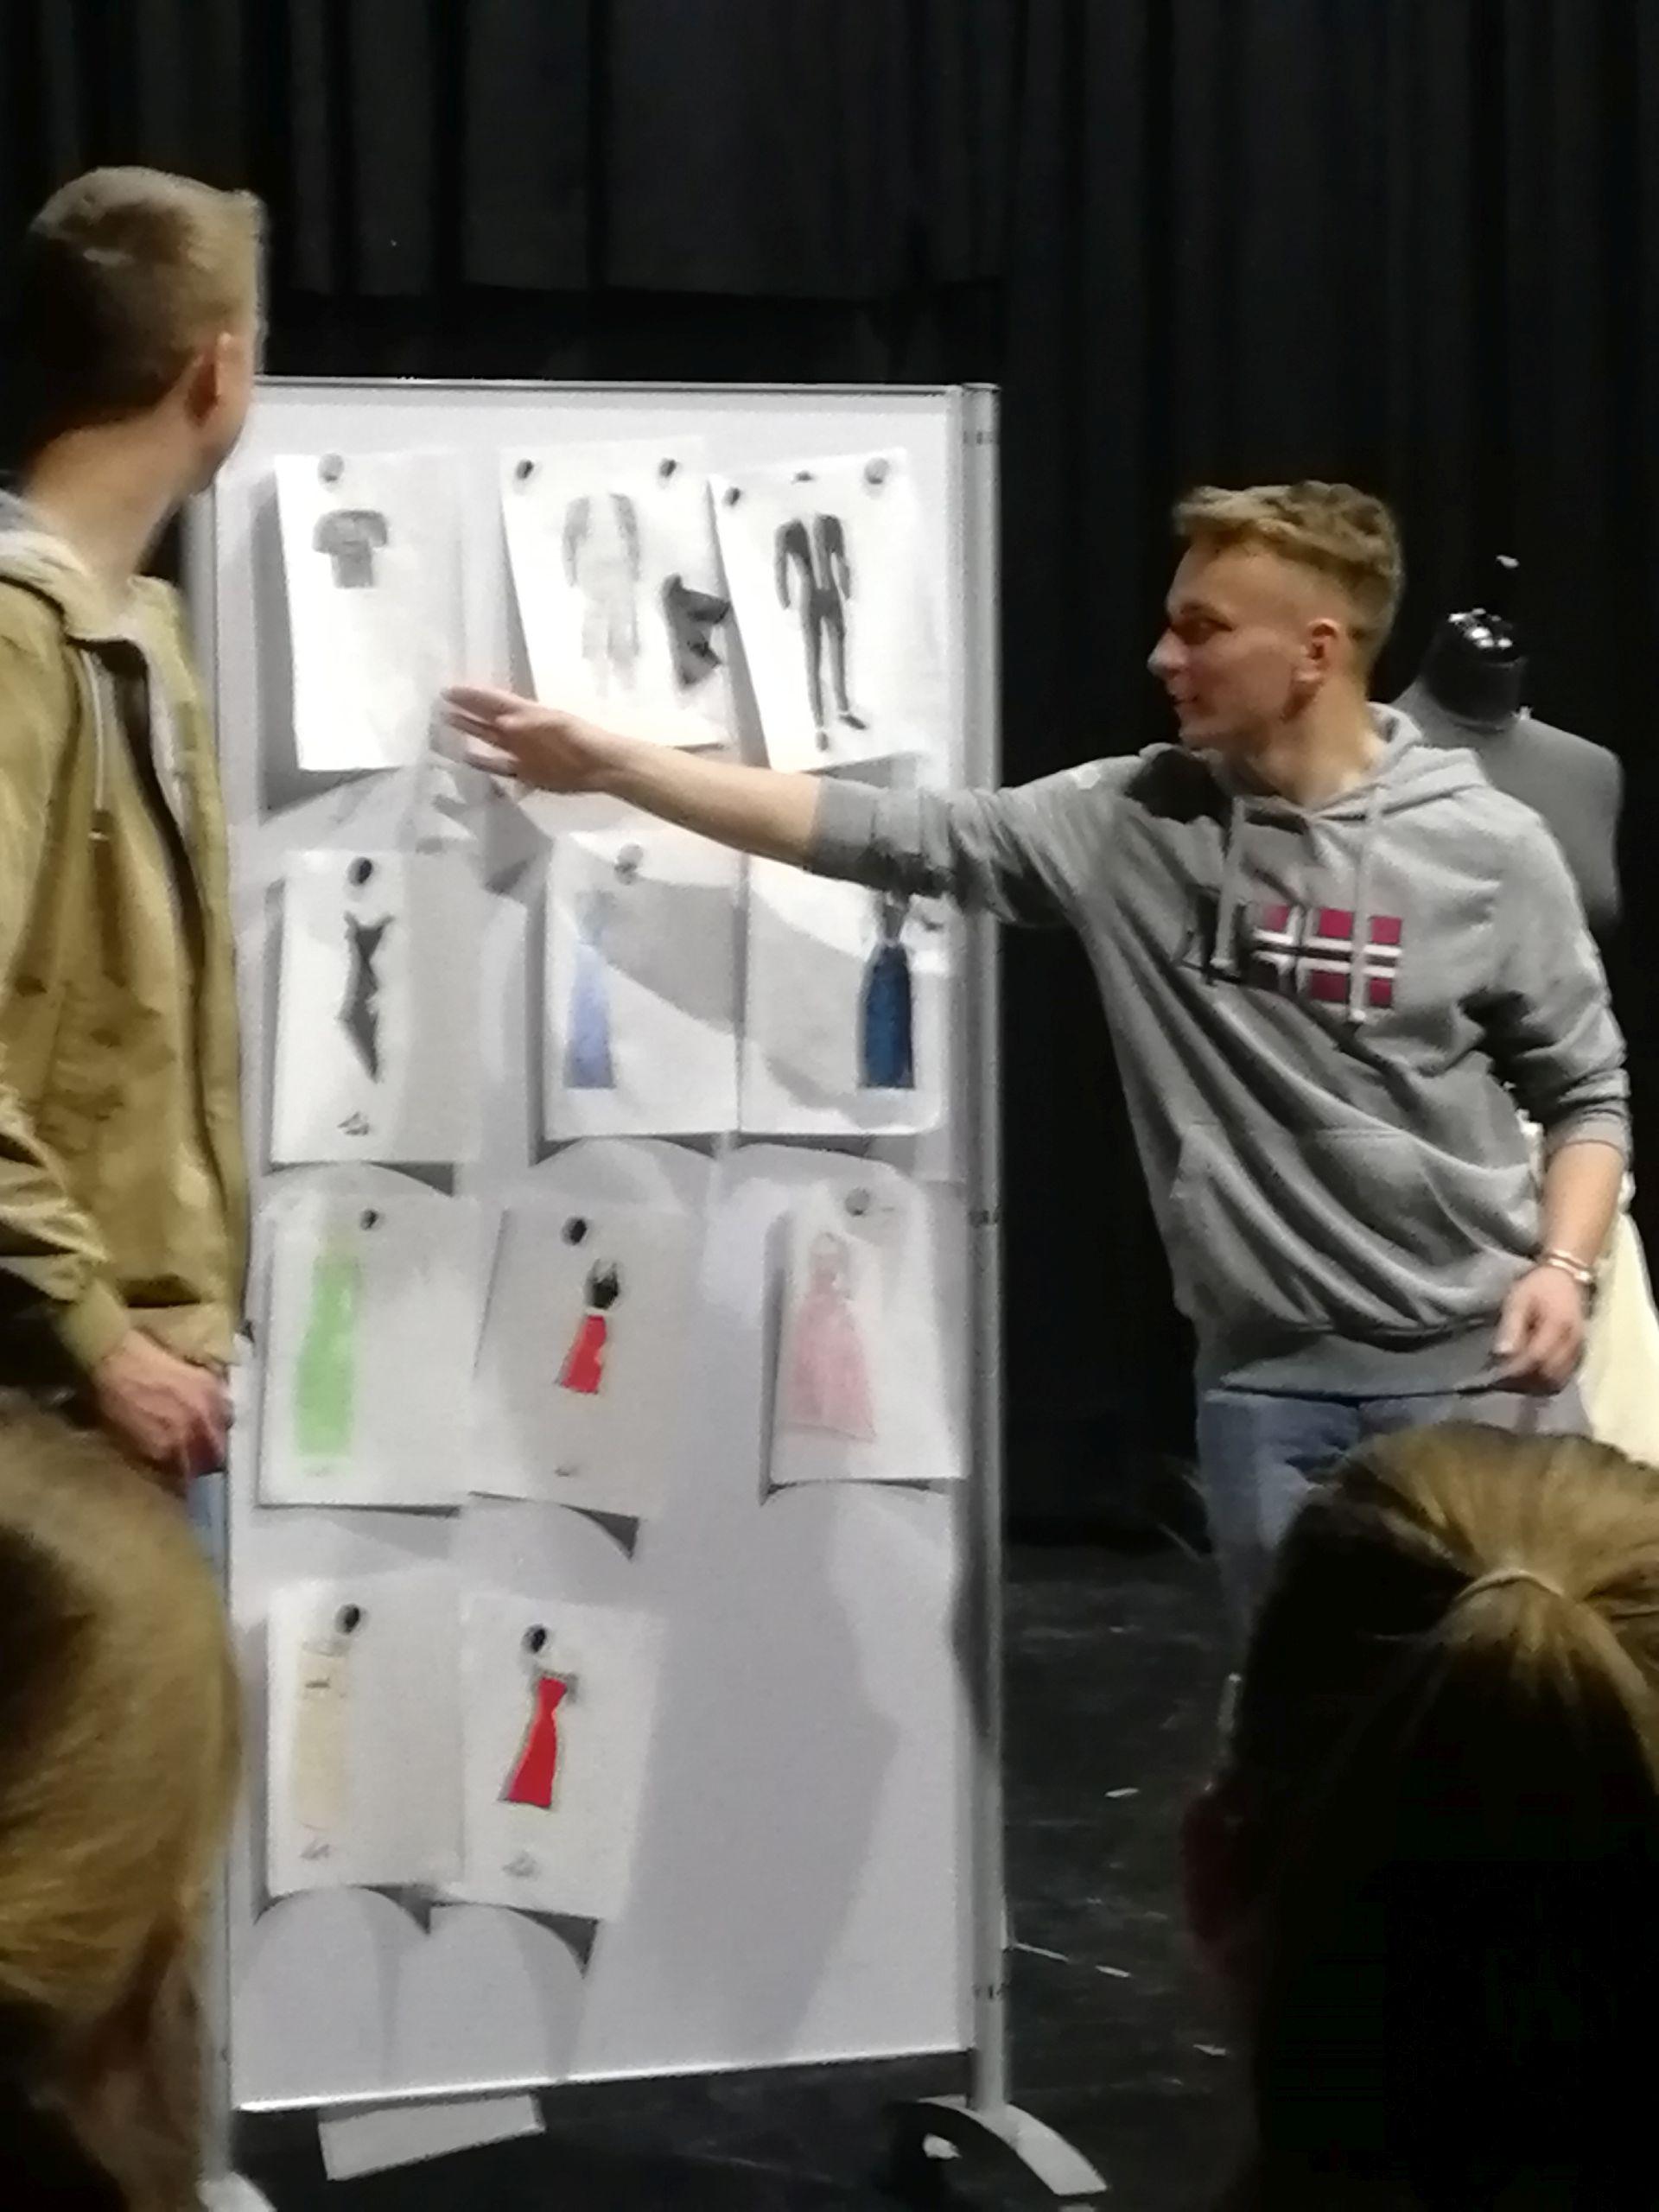 Präsentation der Kostümideen